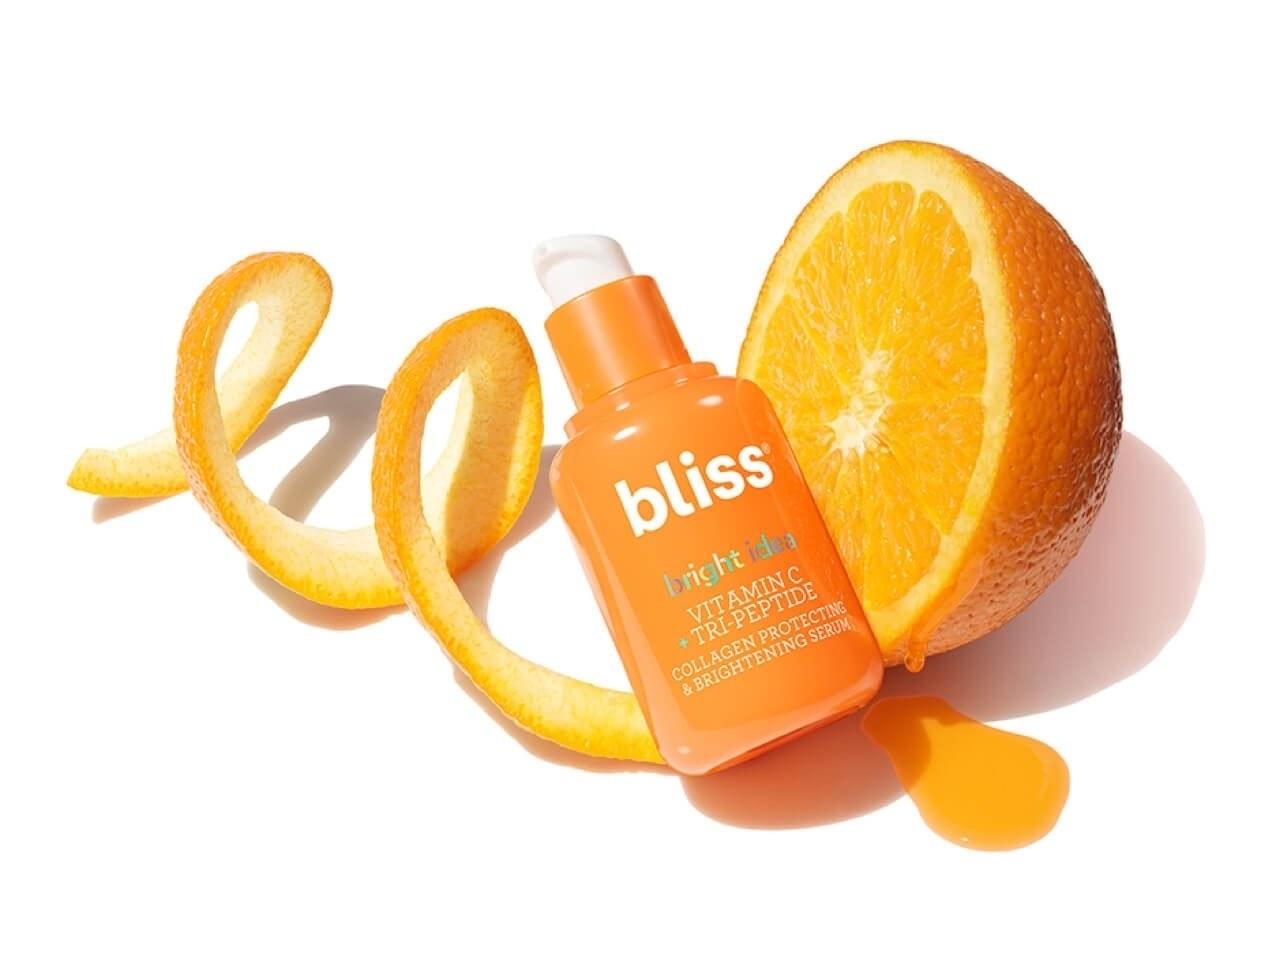 An orange serum bottle sitting on an orange peel